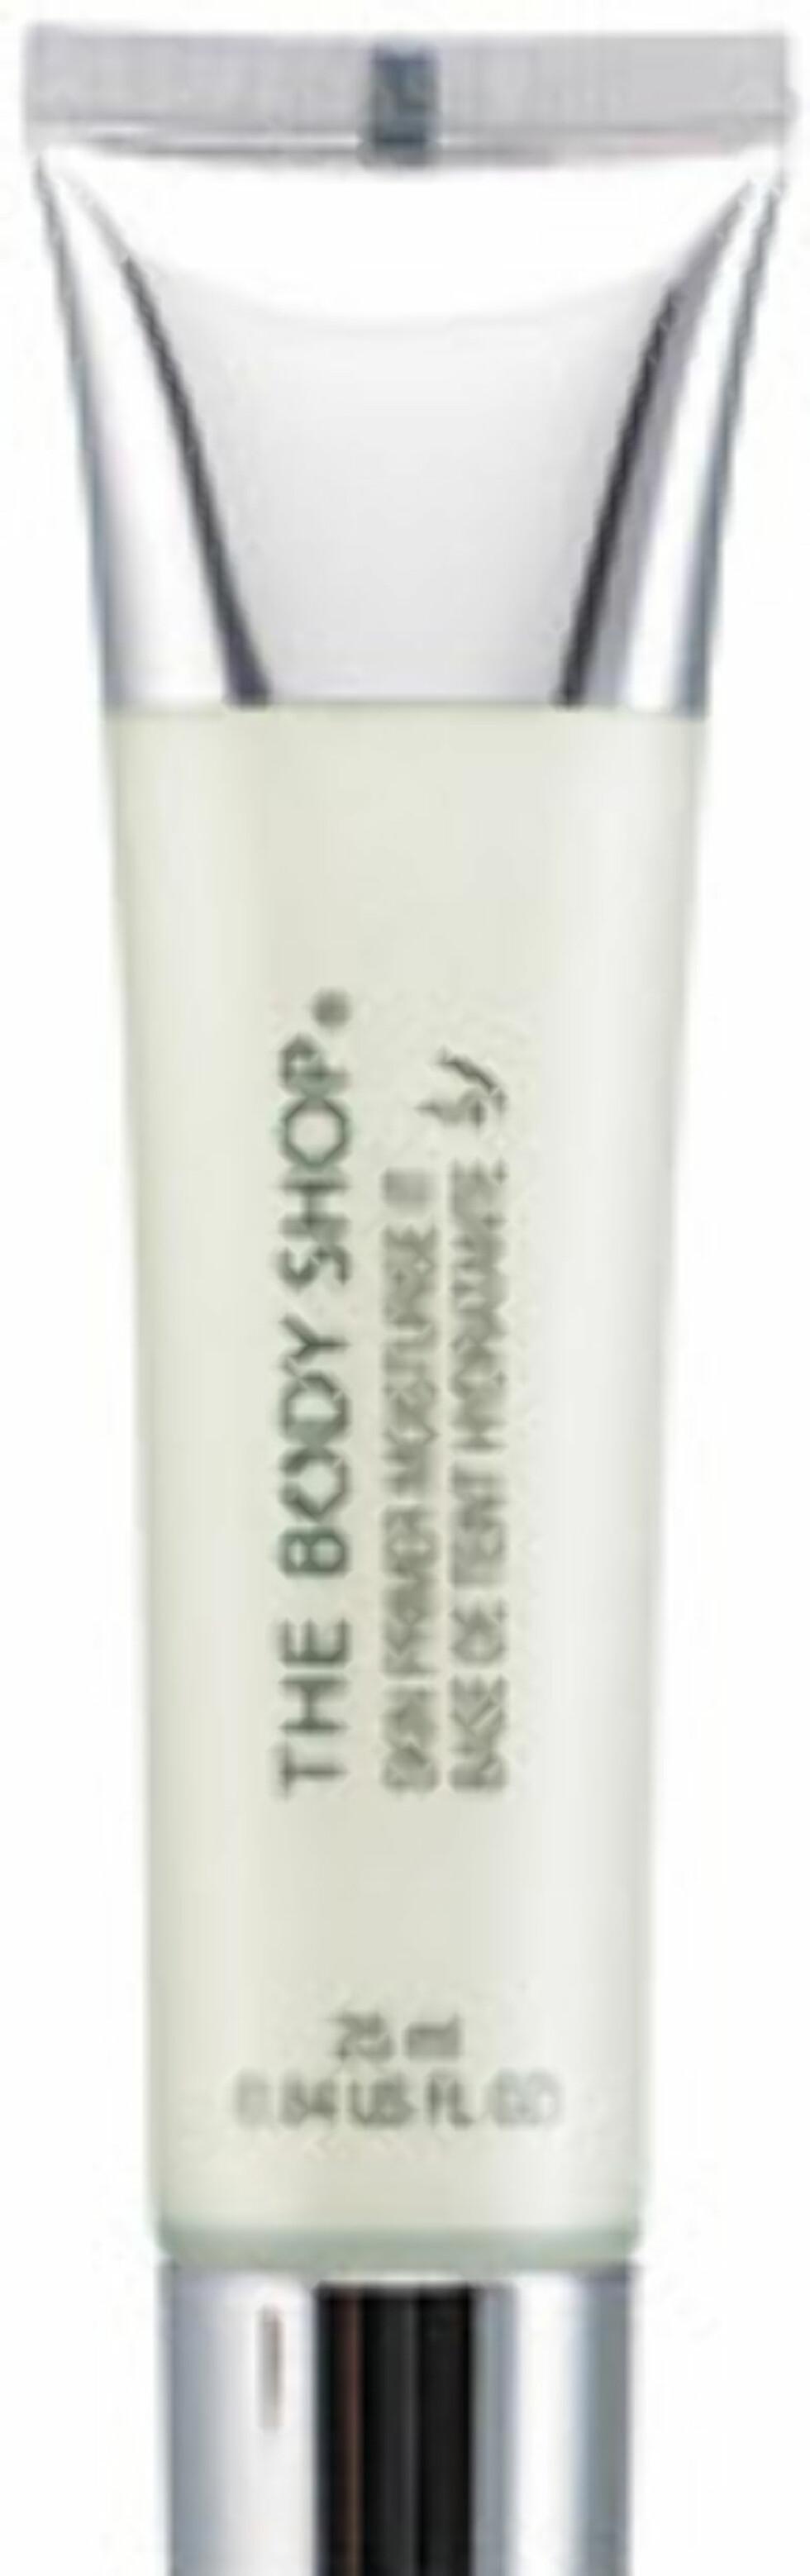 Bodyshops Skin Primer Mosturize It som skal pleie huden og gi den fuktighet (kr.179 for 25 ml/Webshop.bodyshop.no). Foto: Produsenten